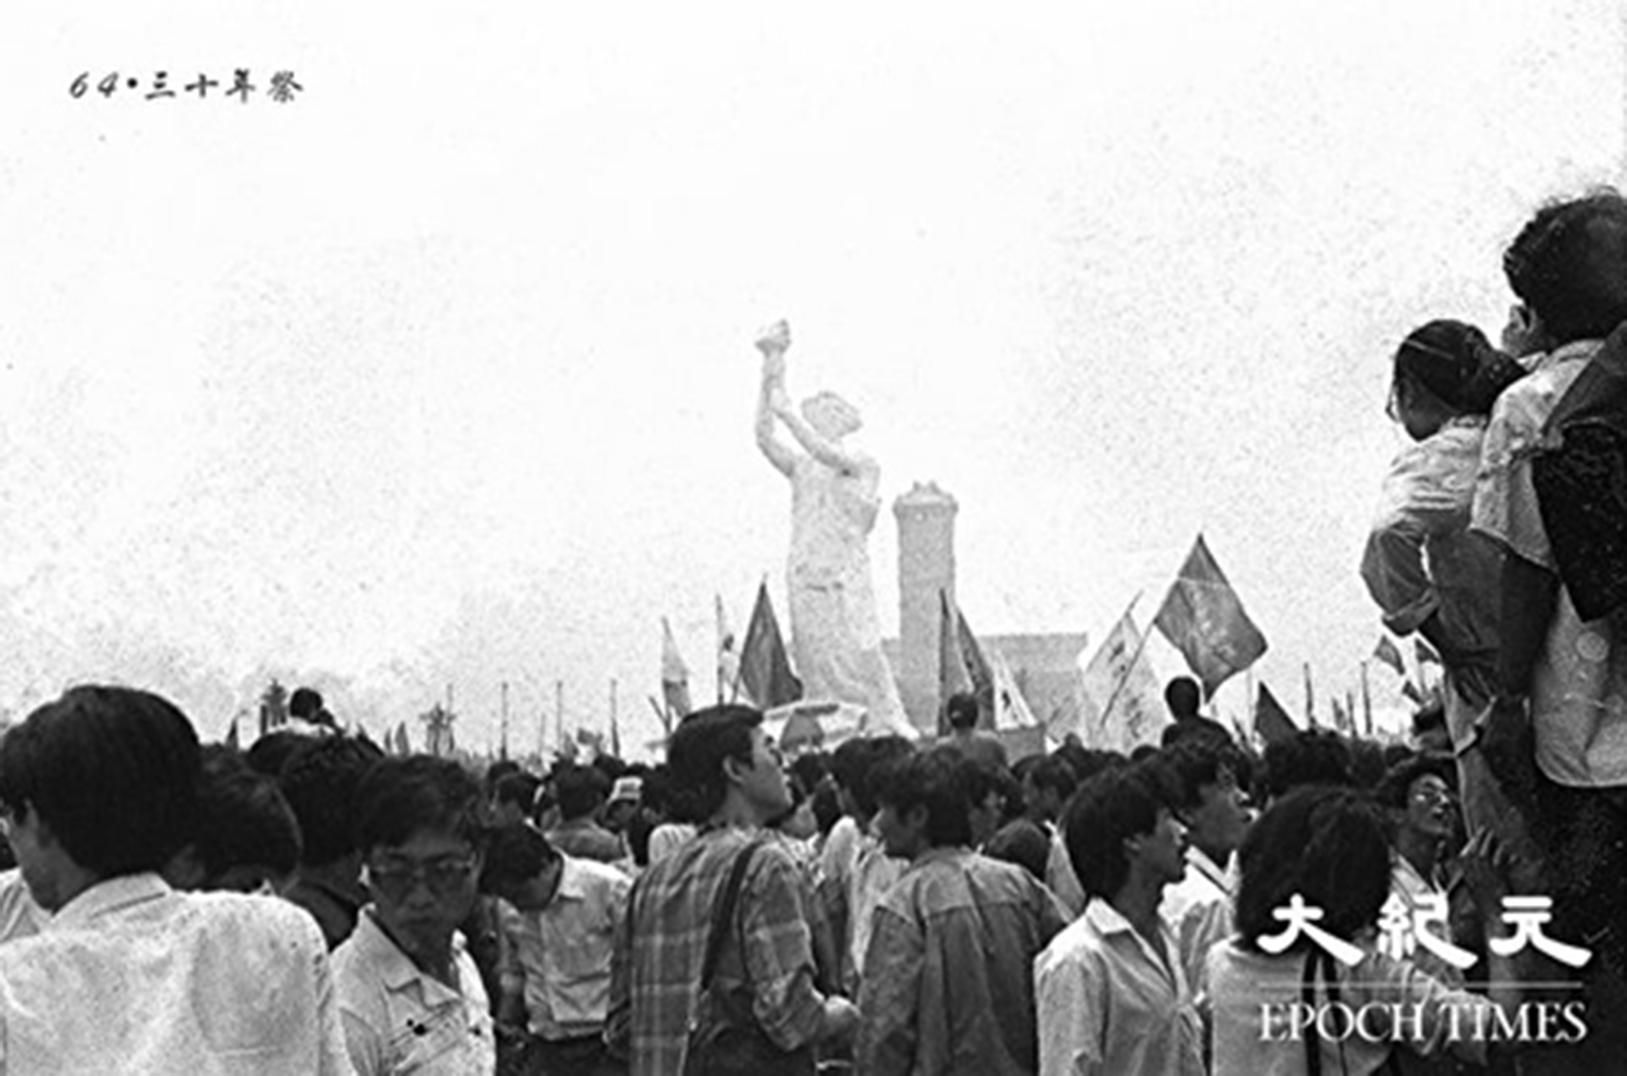 89六四時,矗立在天安門廣場的民主女神像。(網友「不再沉默」提供)